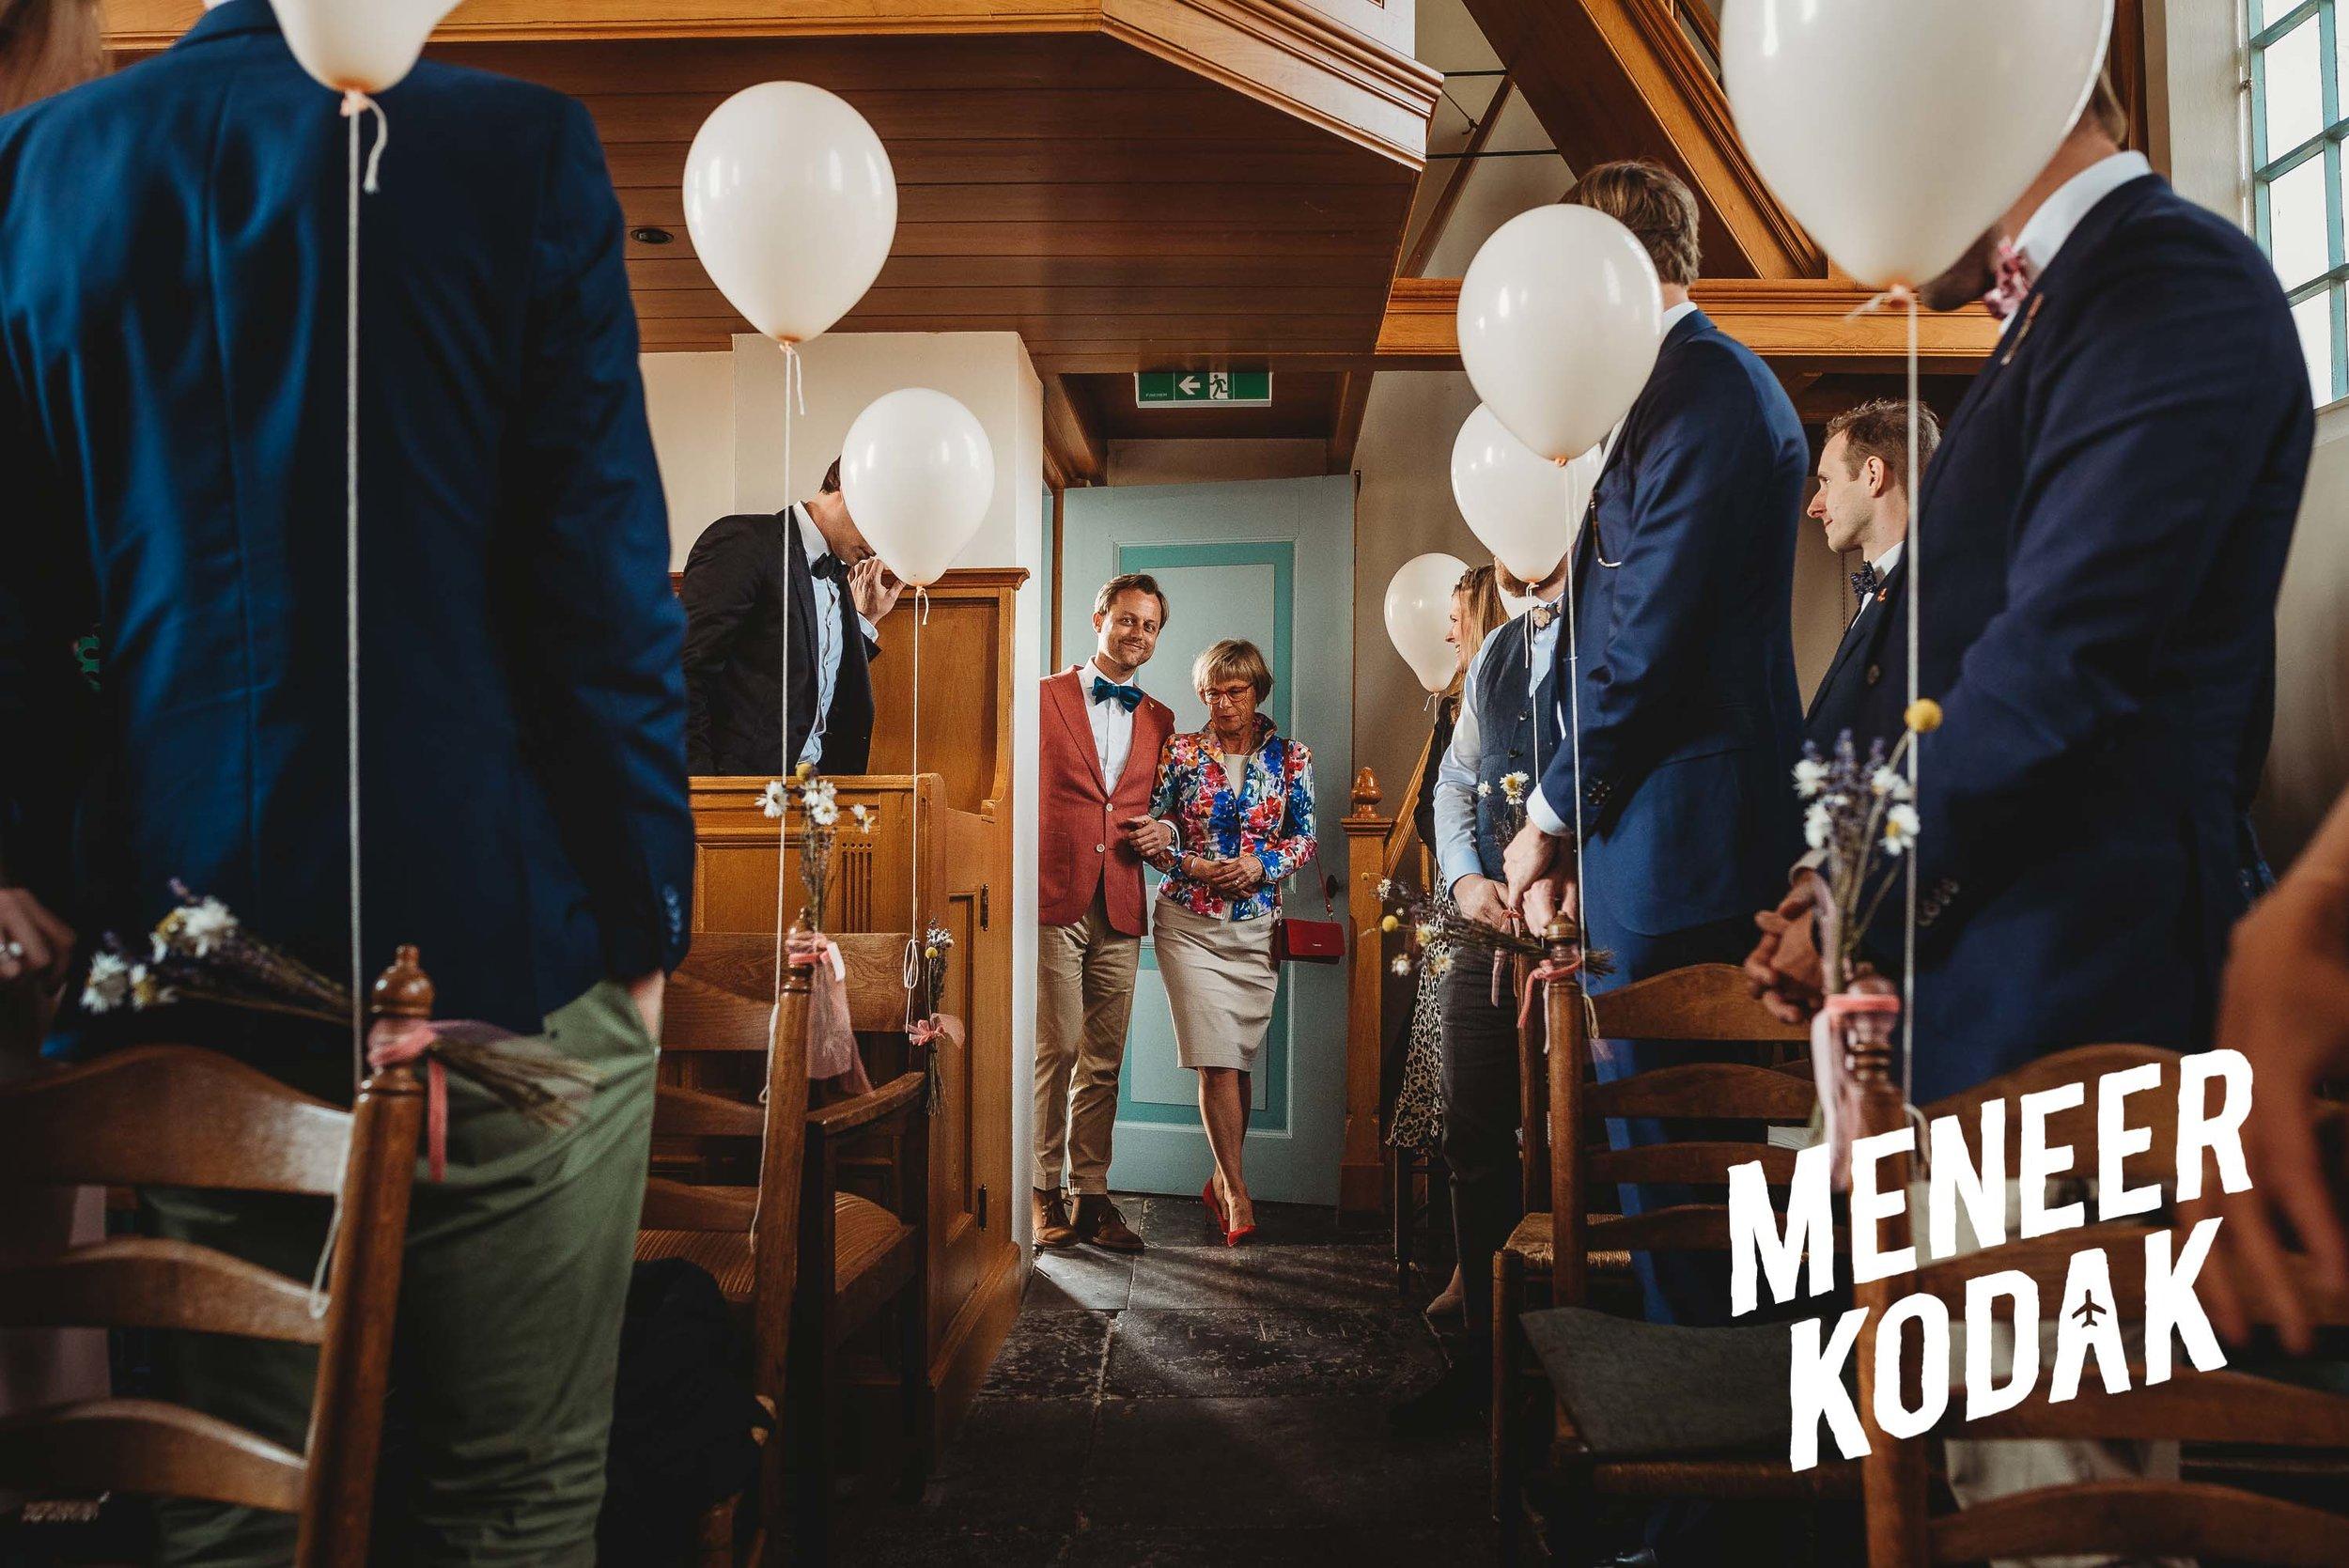 Meneer Kodak - Bruidsfotograaf - Amsterdam - M&J-034.jpg